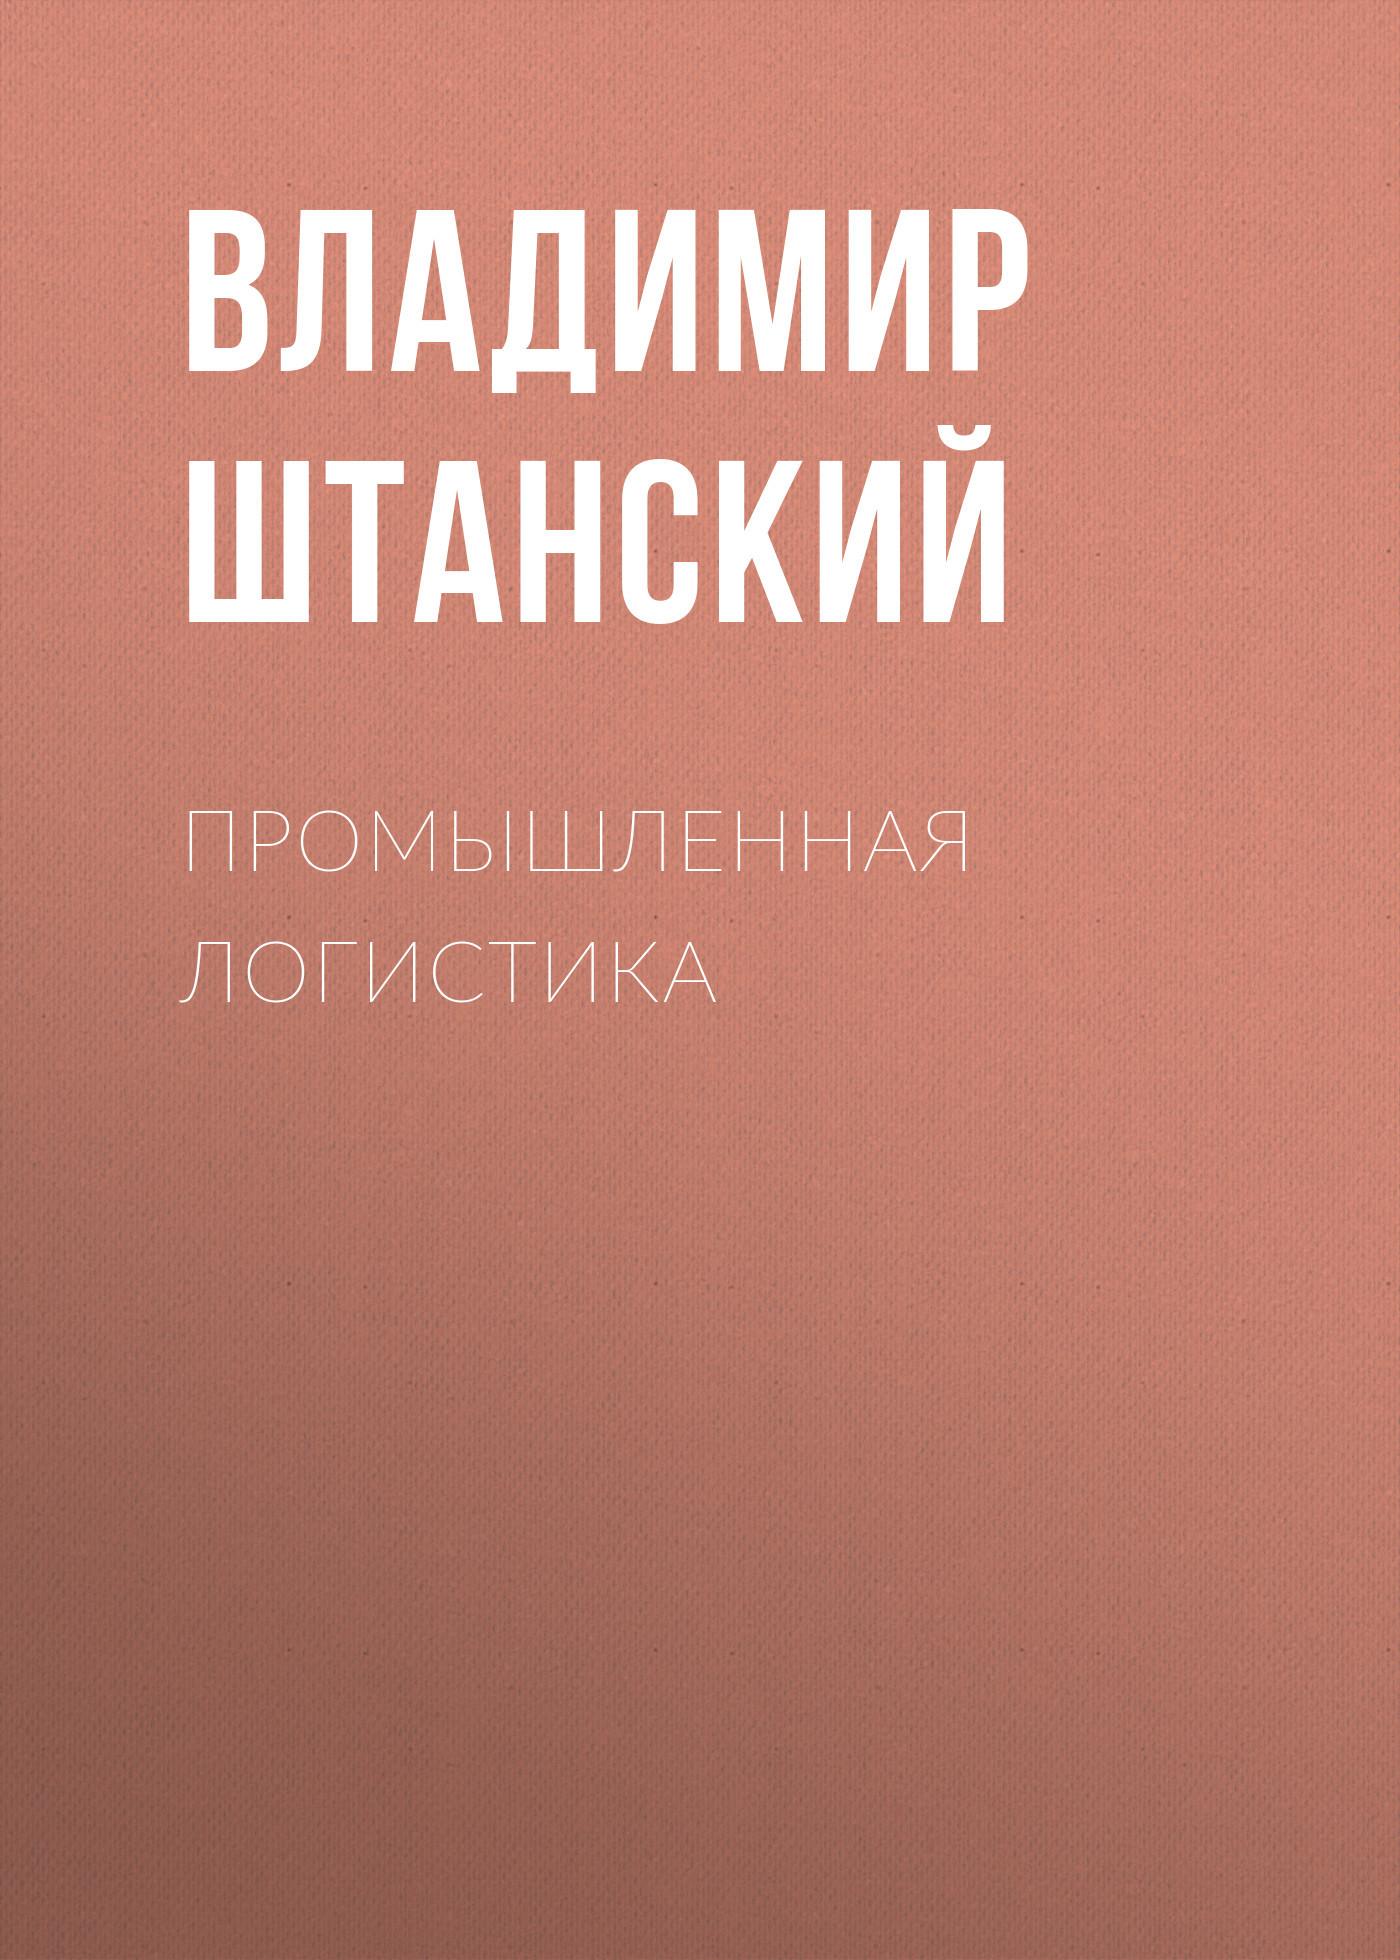 Владимир Штанский. Промышленная логистика